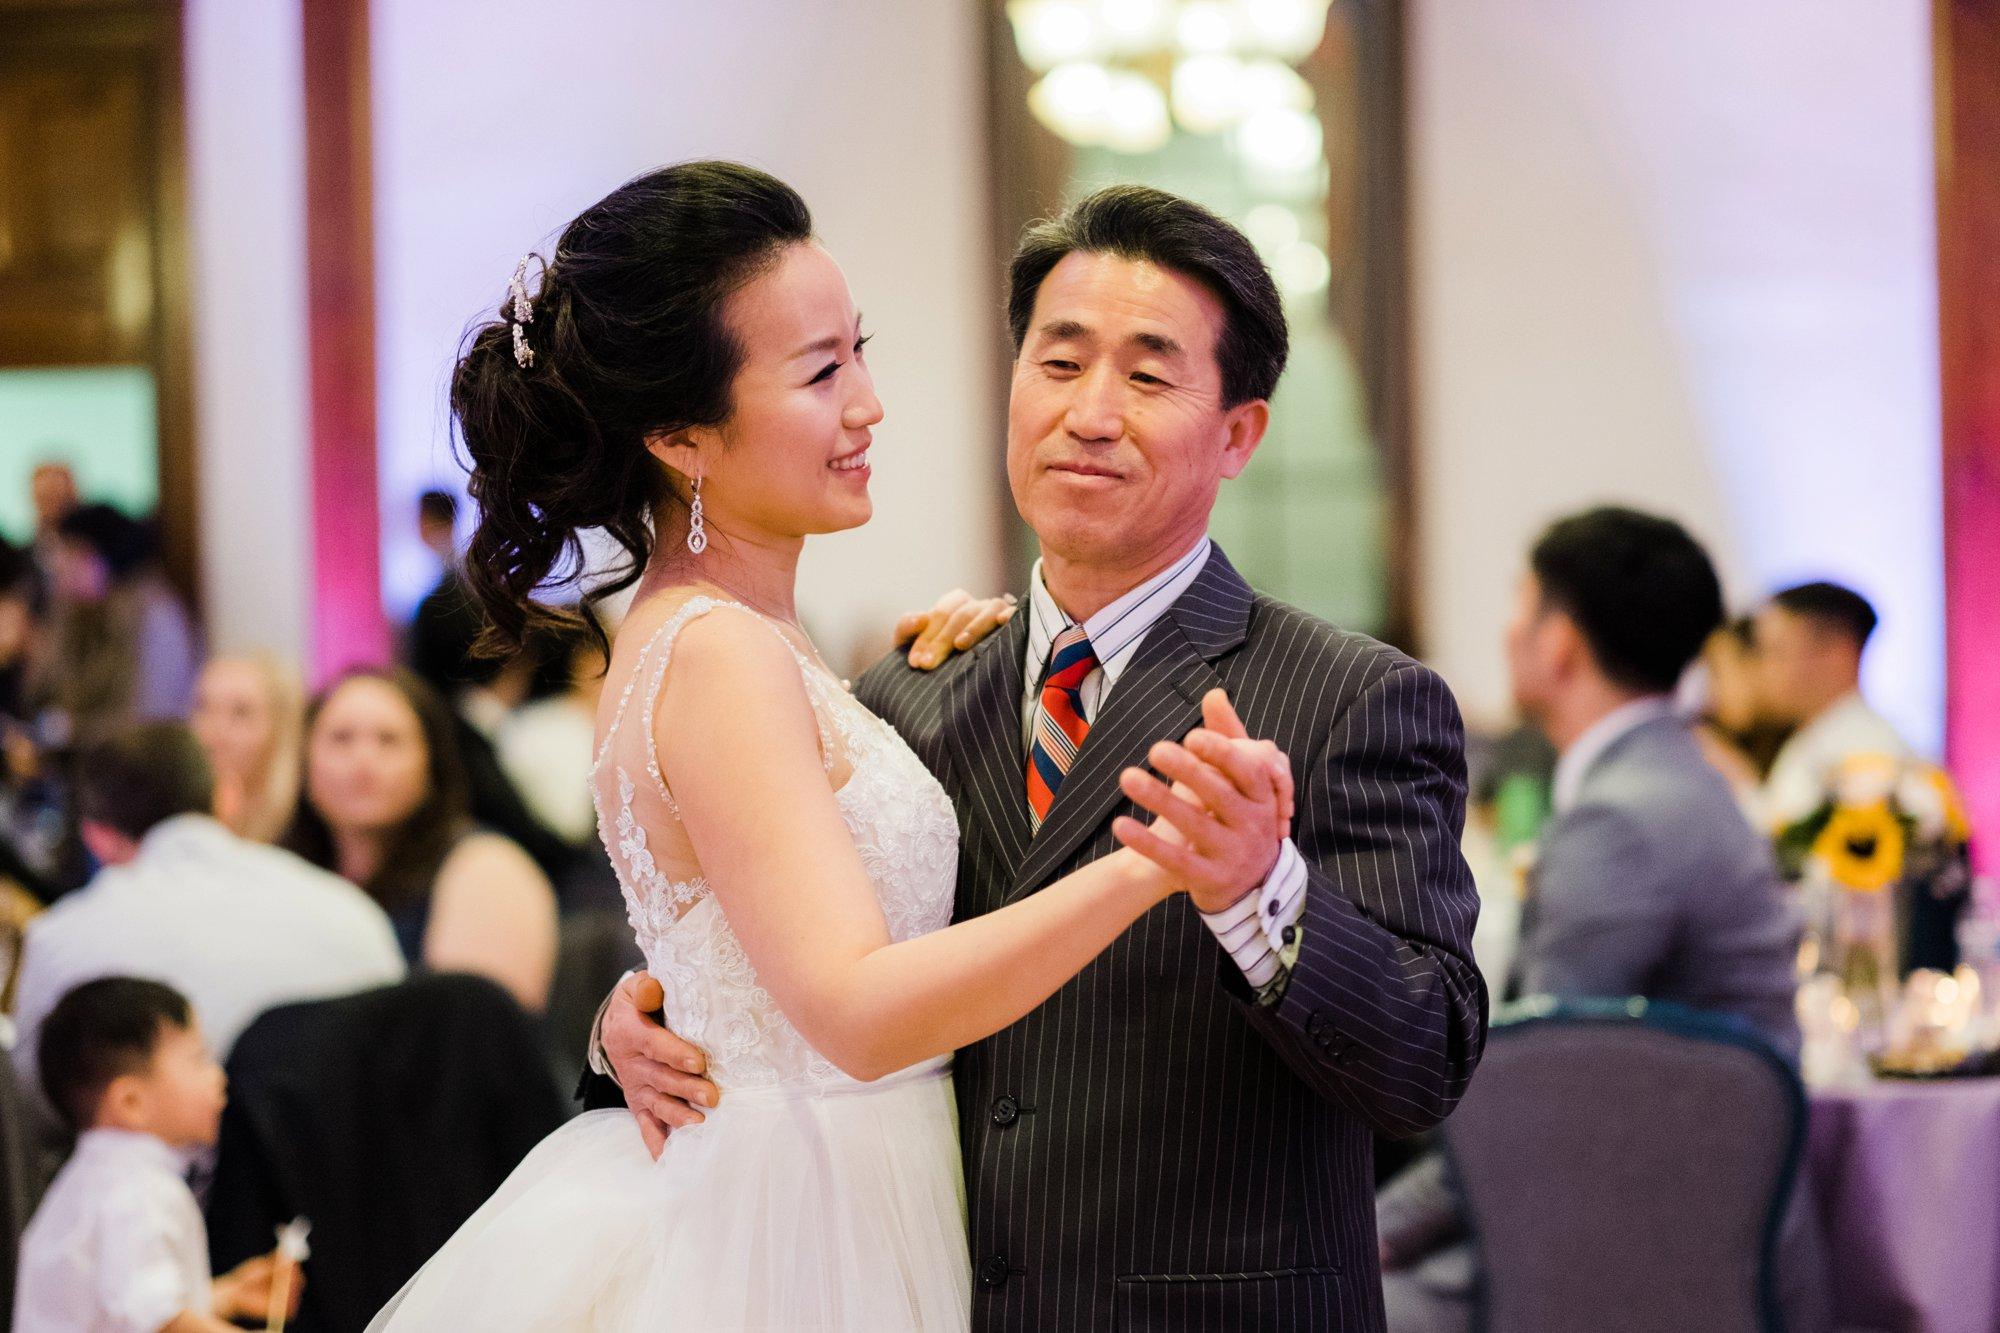 fairfax-dc-wedding-old-city-hall_0148.jpg